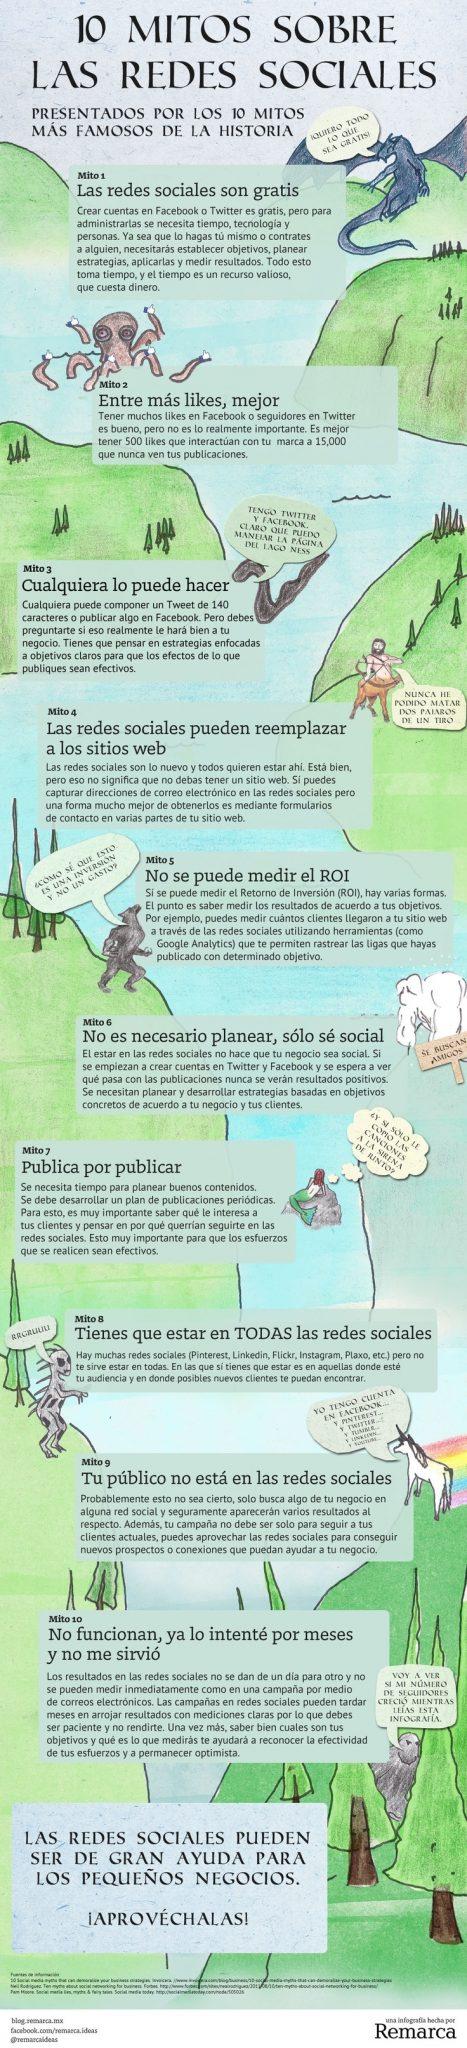 10 mitos sobre las Redes Sociales #Infografía